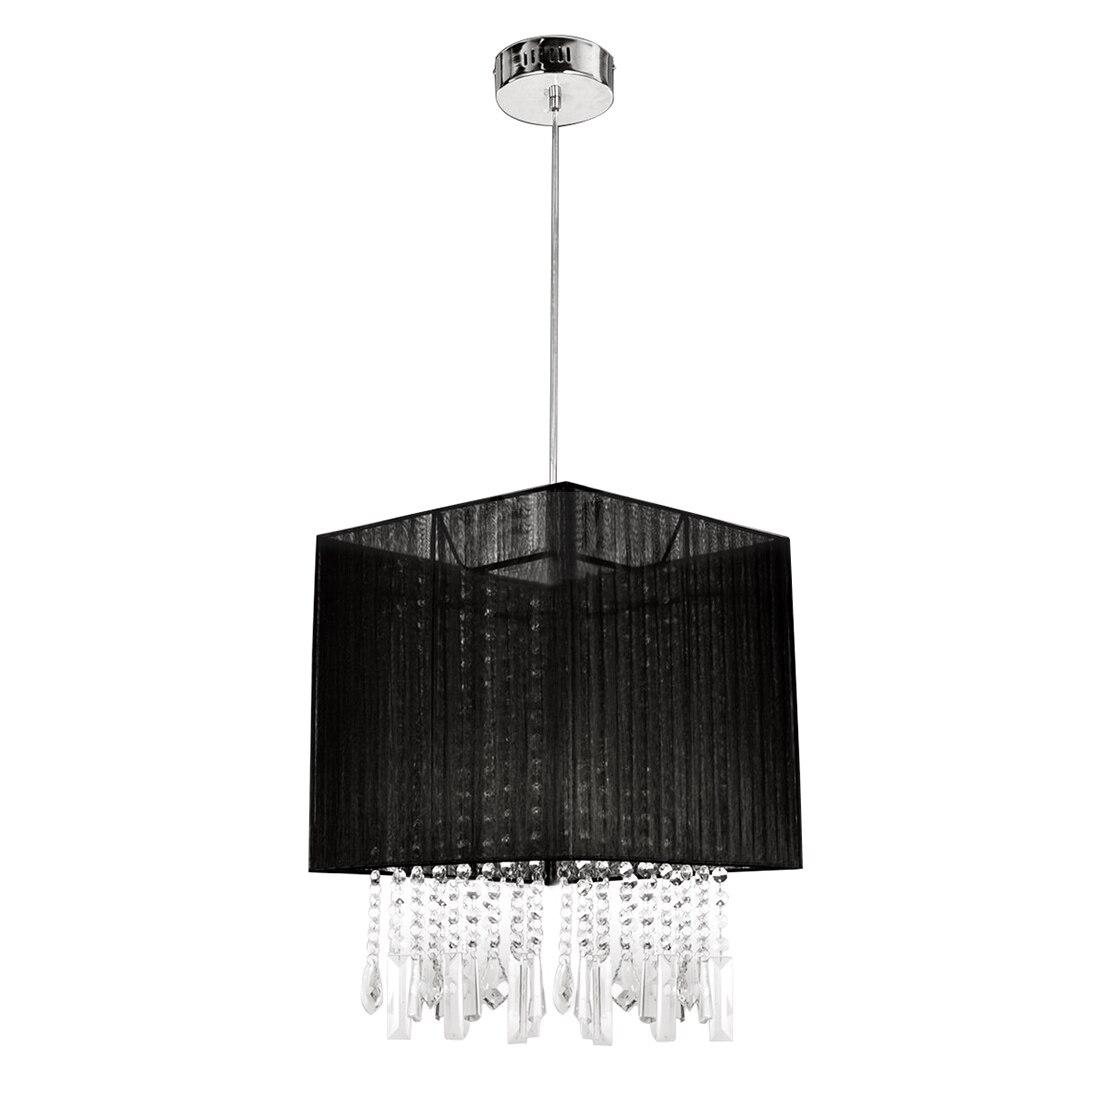 Acquista all'ingrosso Online drum lampadario illuminazione da ...